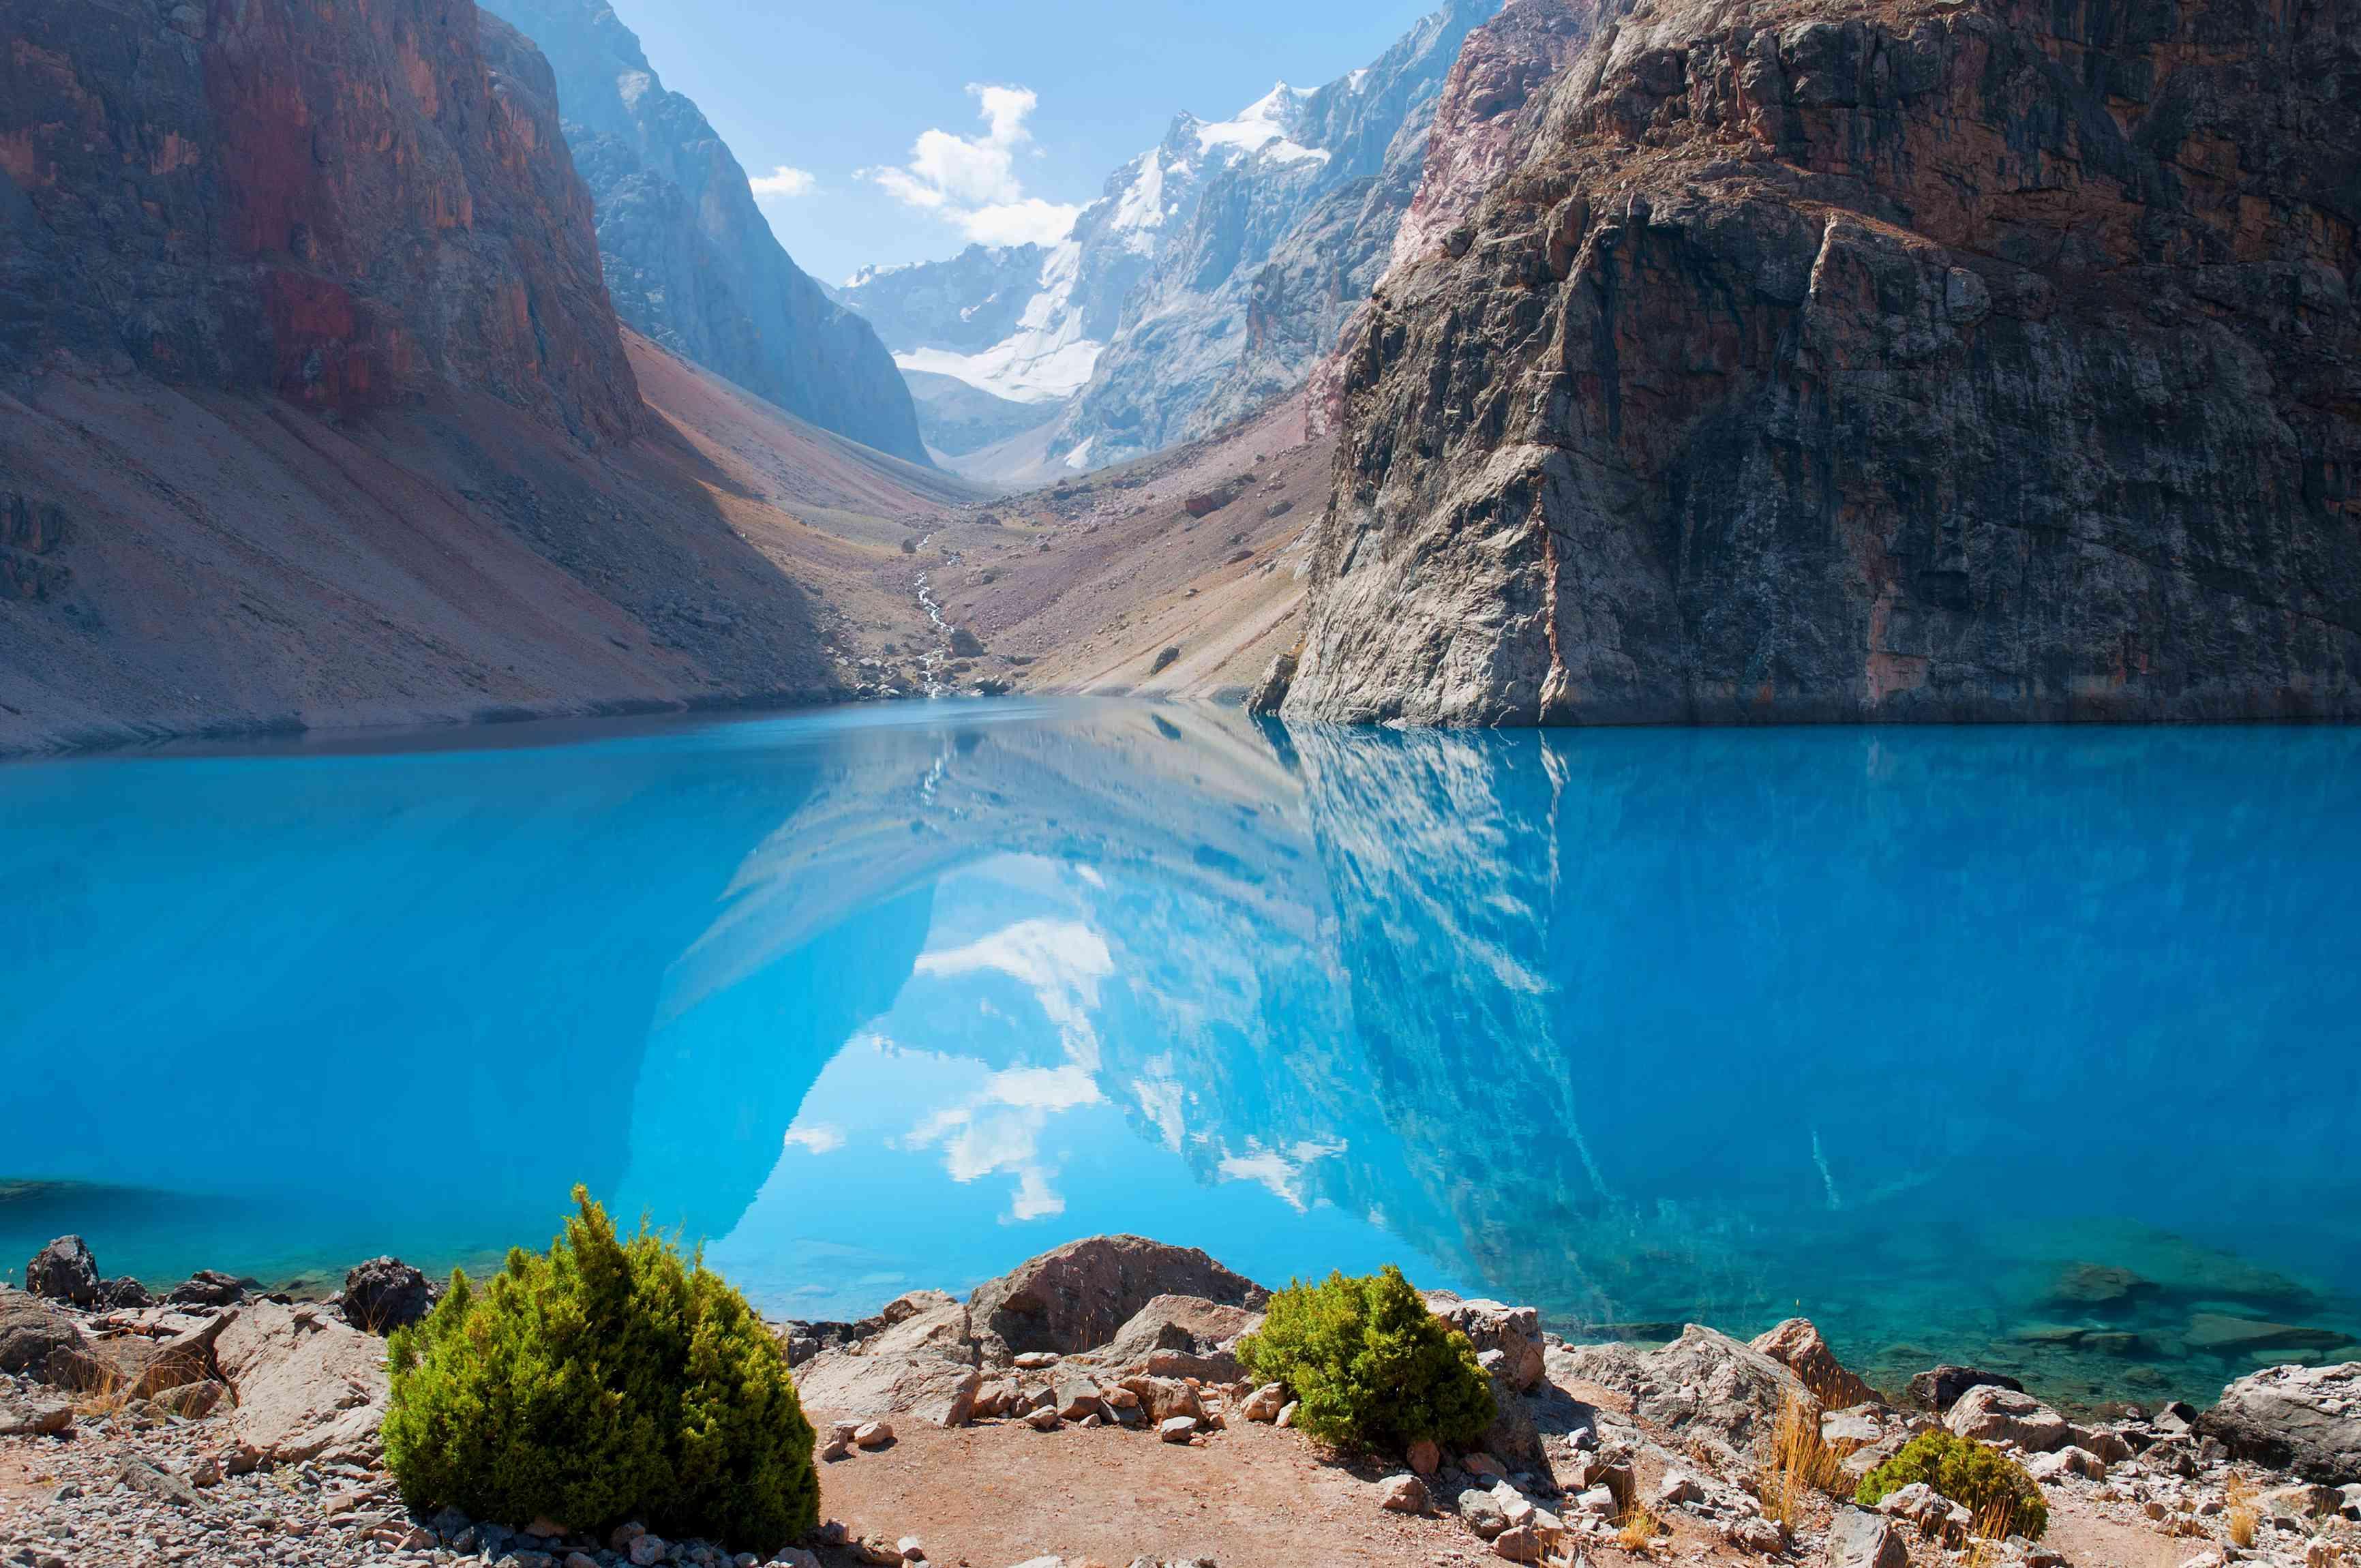 The clear blue waters of Iskanderkul in the Fann Mountains of Tajikistan